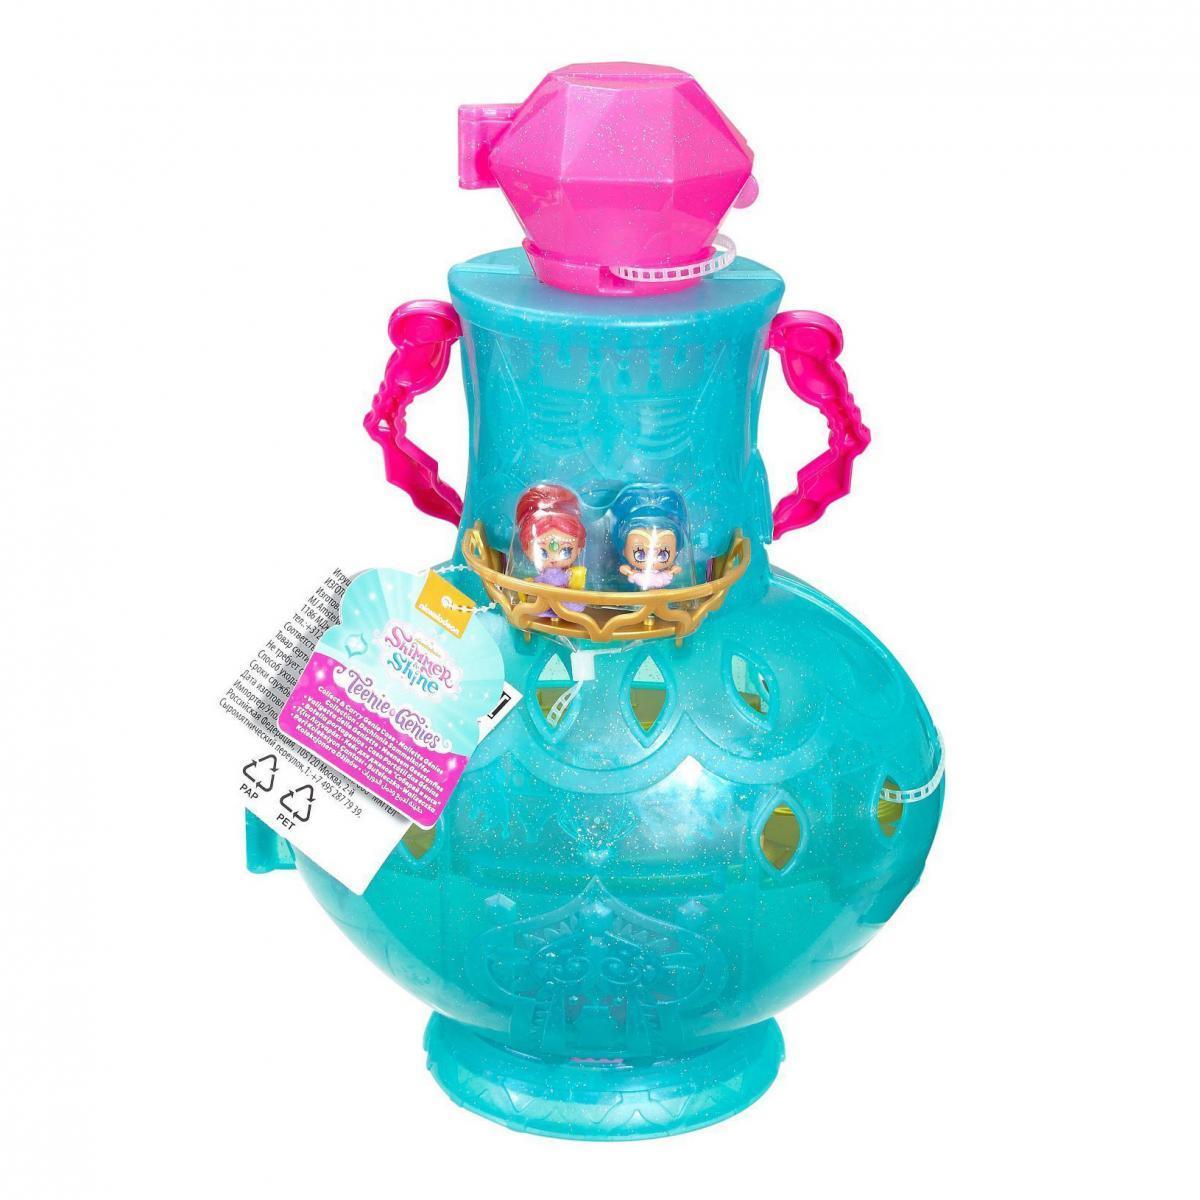 Куклы и пупсы «Волшебная лампа для мини джинов» (DTK58)